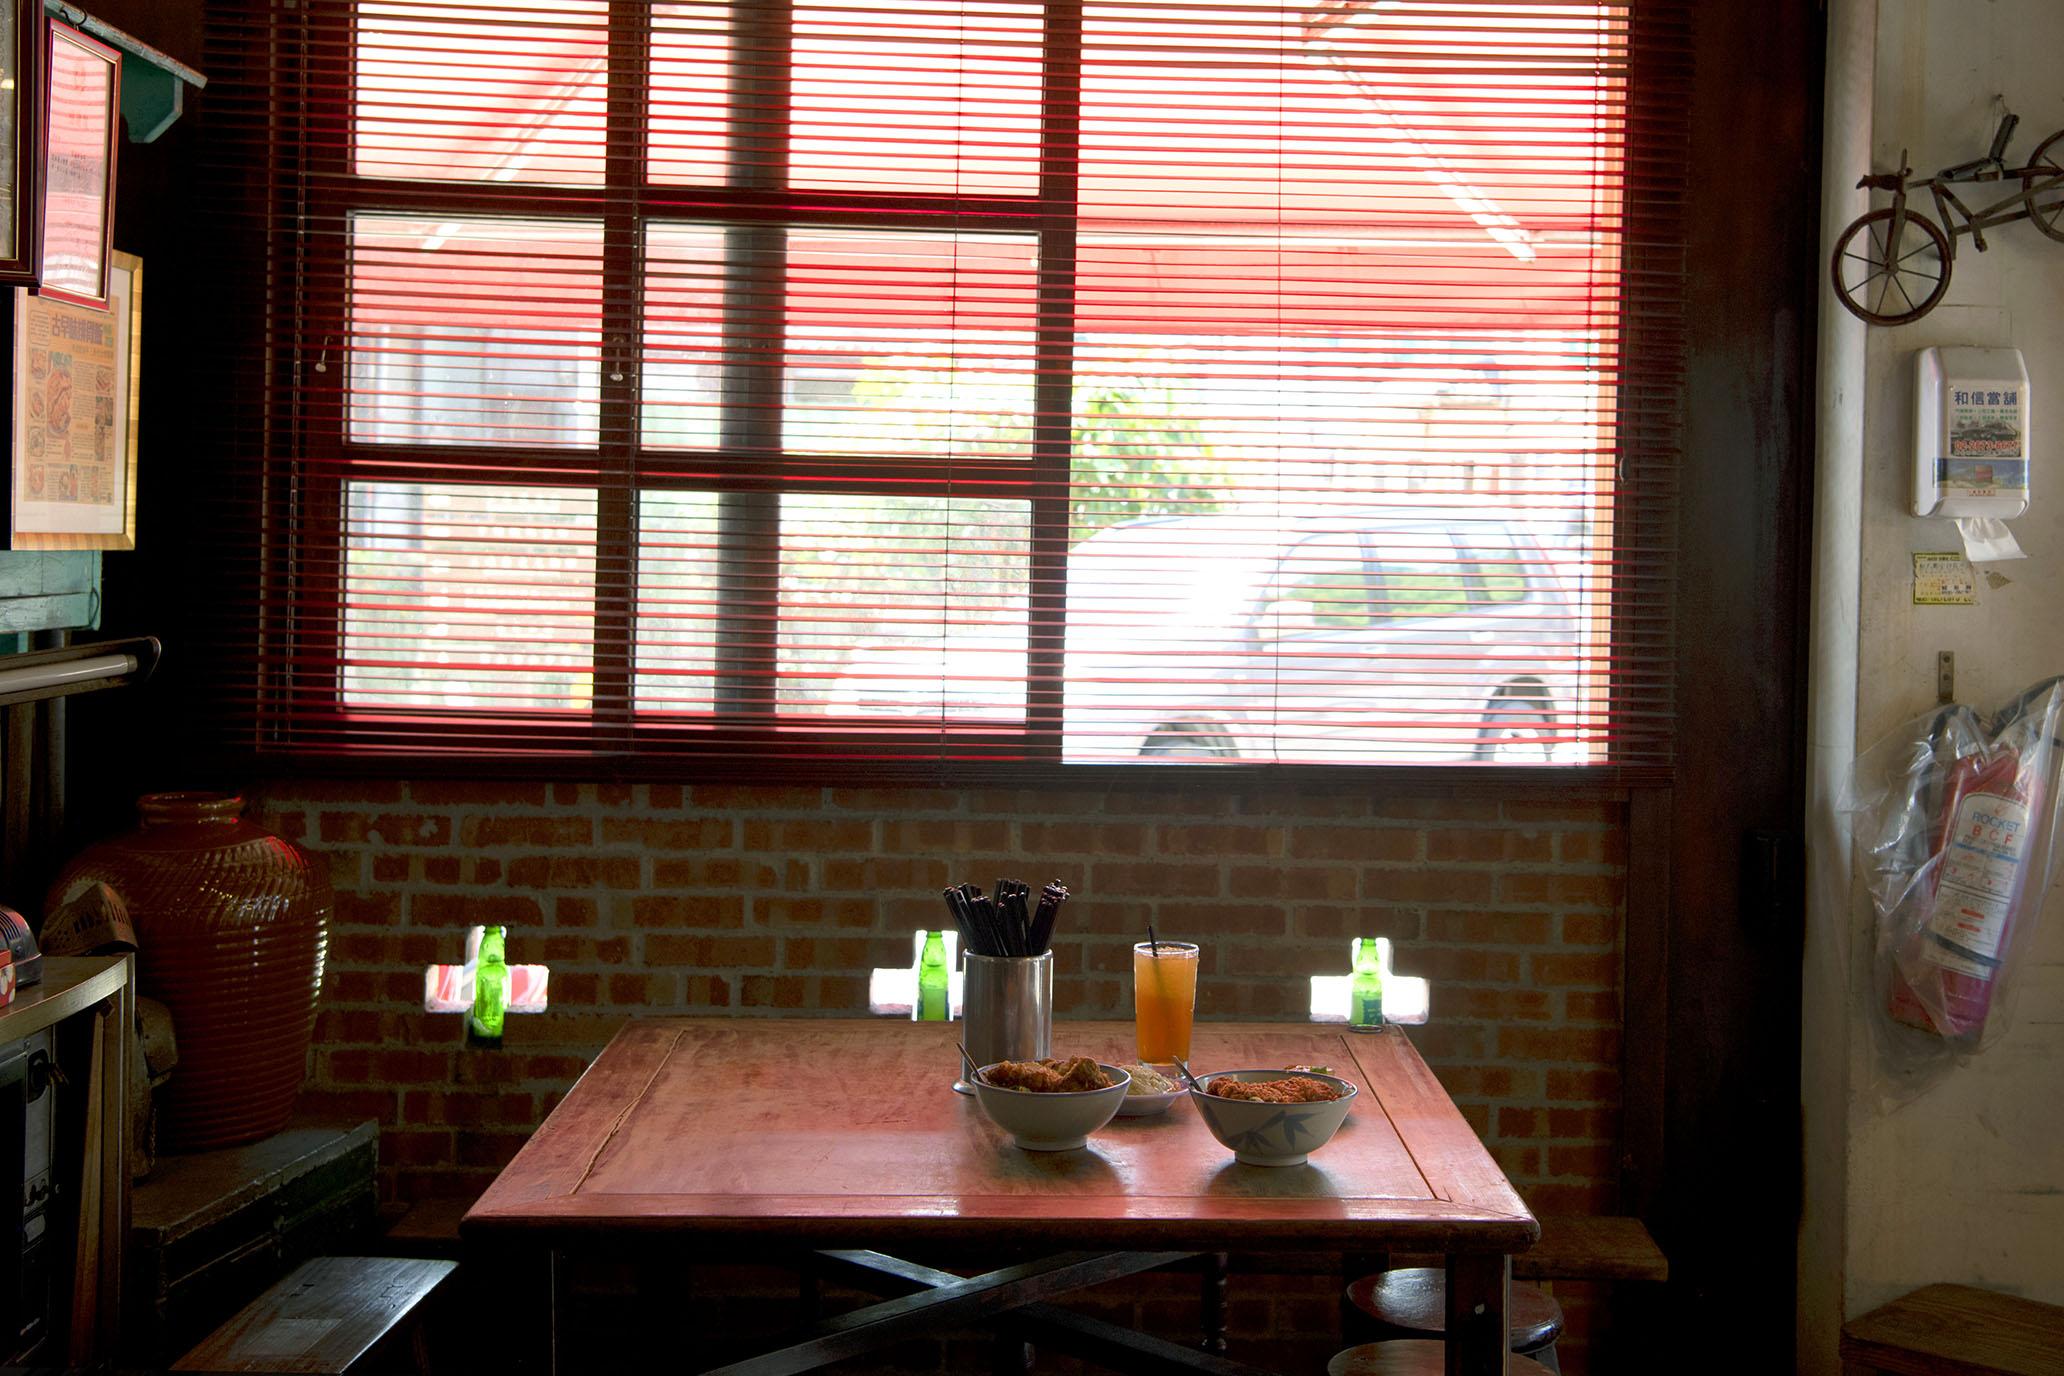 網站近期文章:很是熱鬧的古早味排骨飯|三峽 東道飲食亭